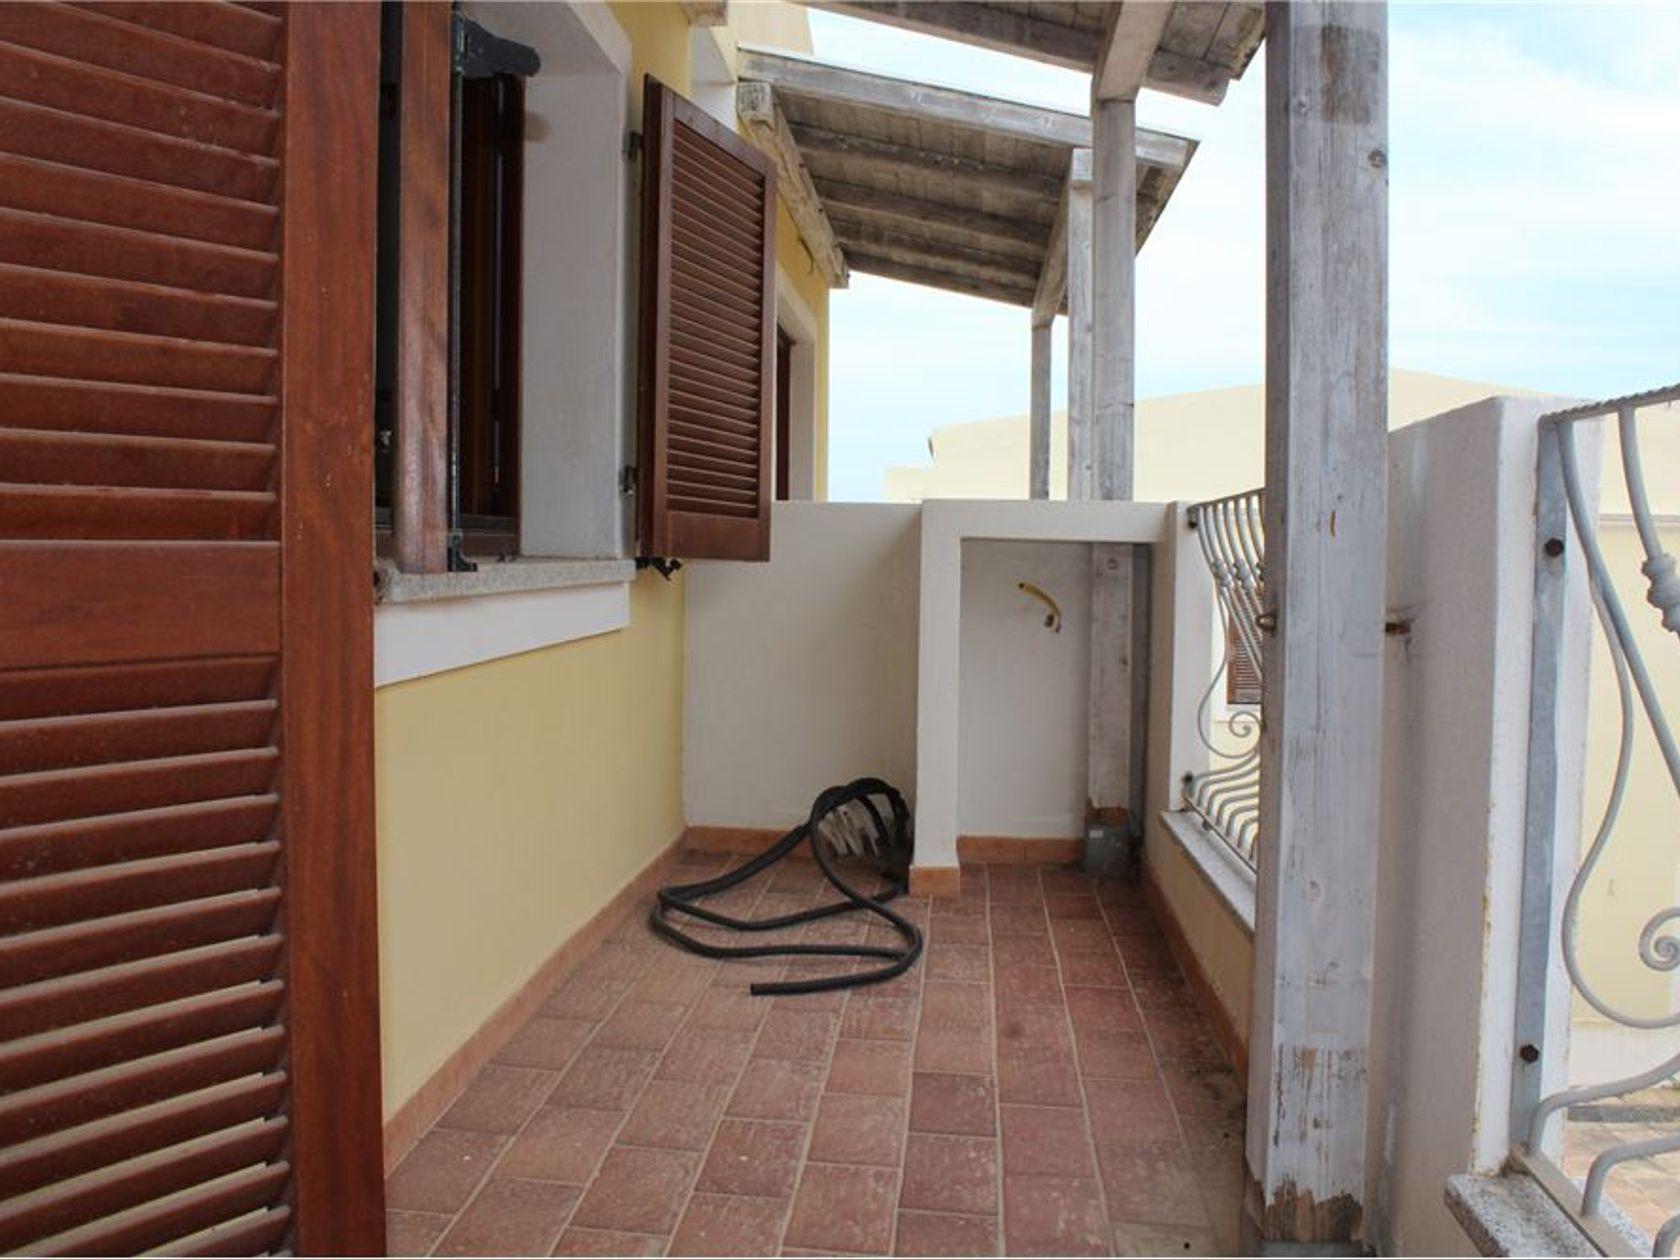 Appartamento Santa Teresa Gallura, OT Vendita - Foto 10